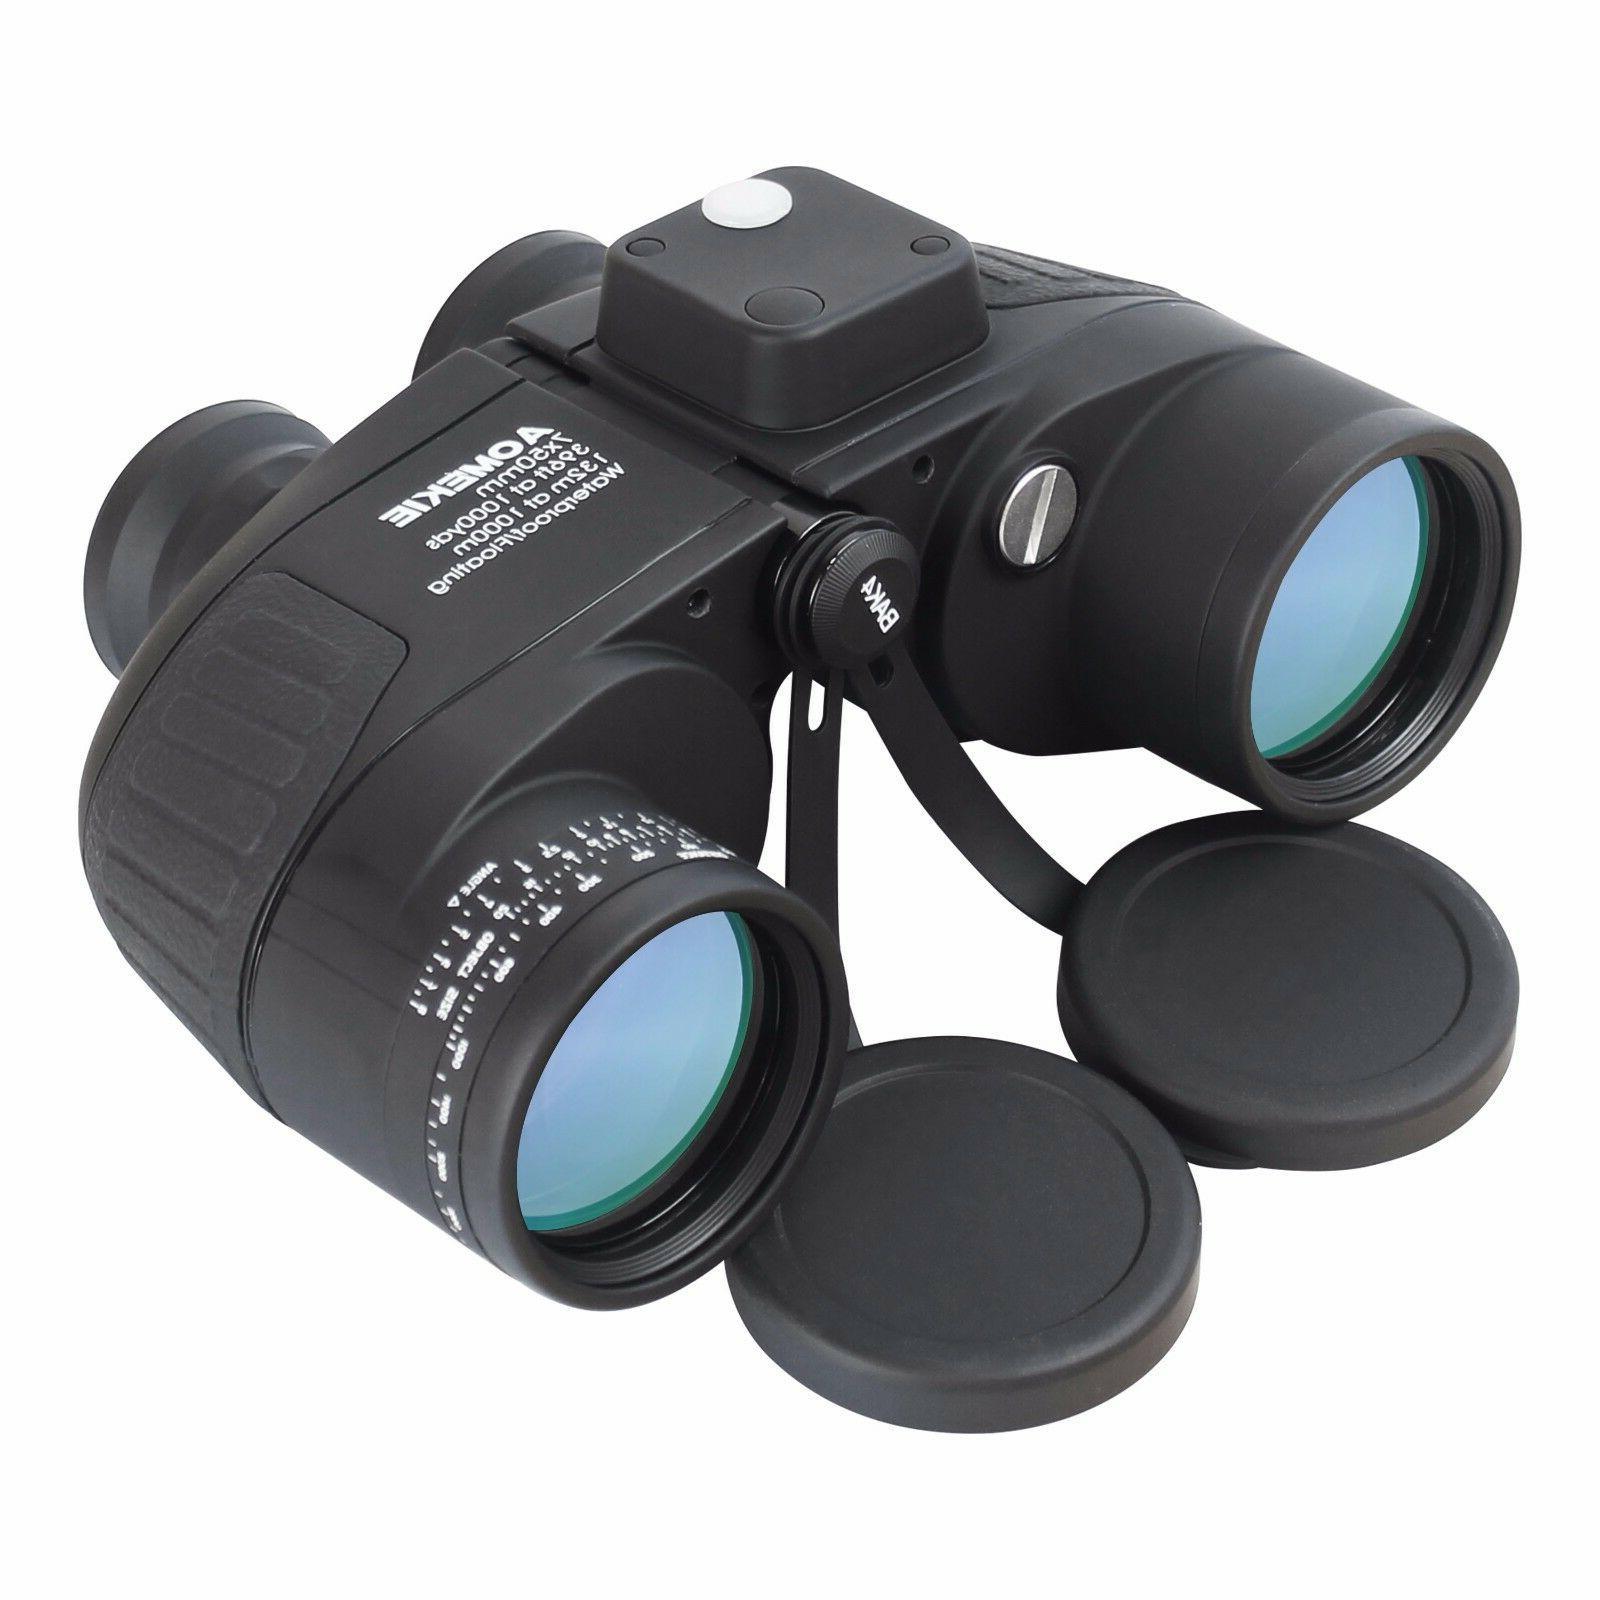 7X50 Binoculars with Night Vision Rangefinder Compass Waterp